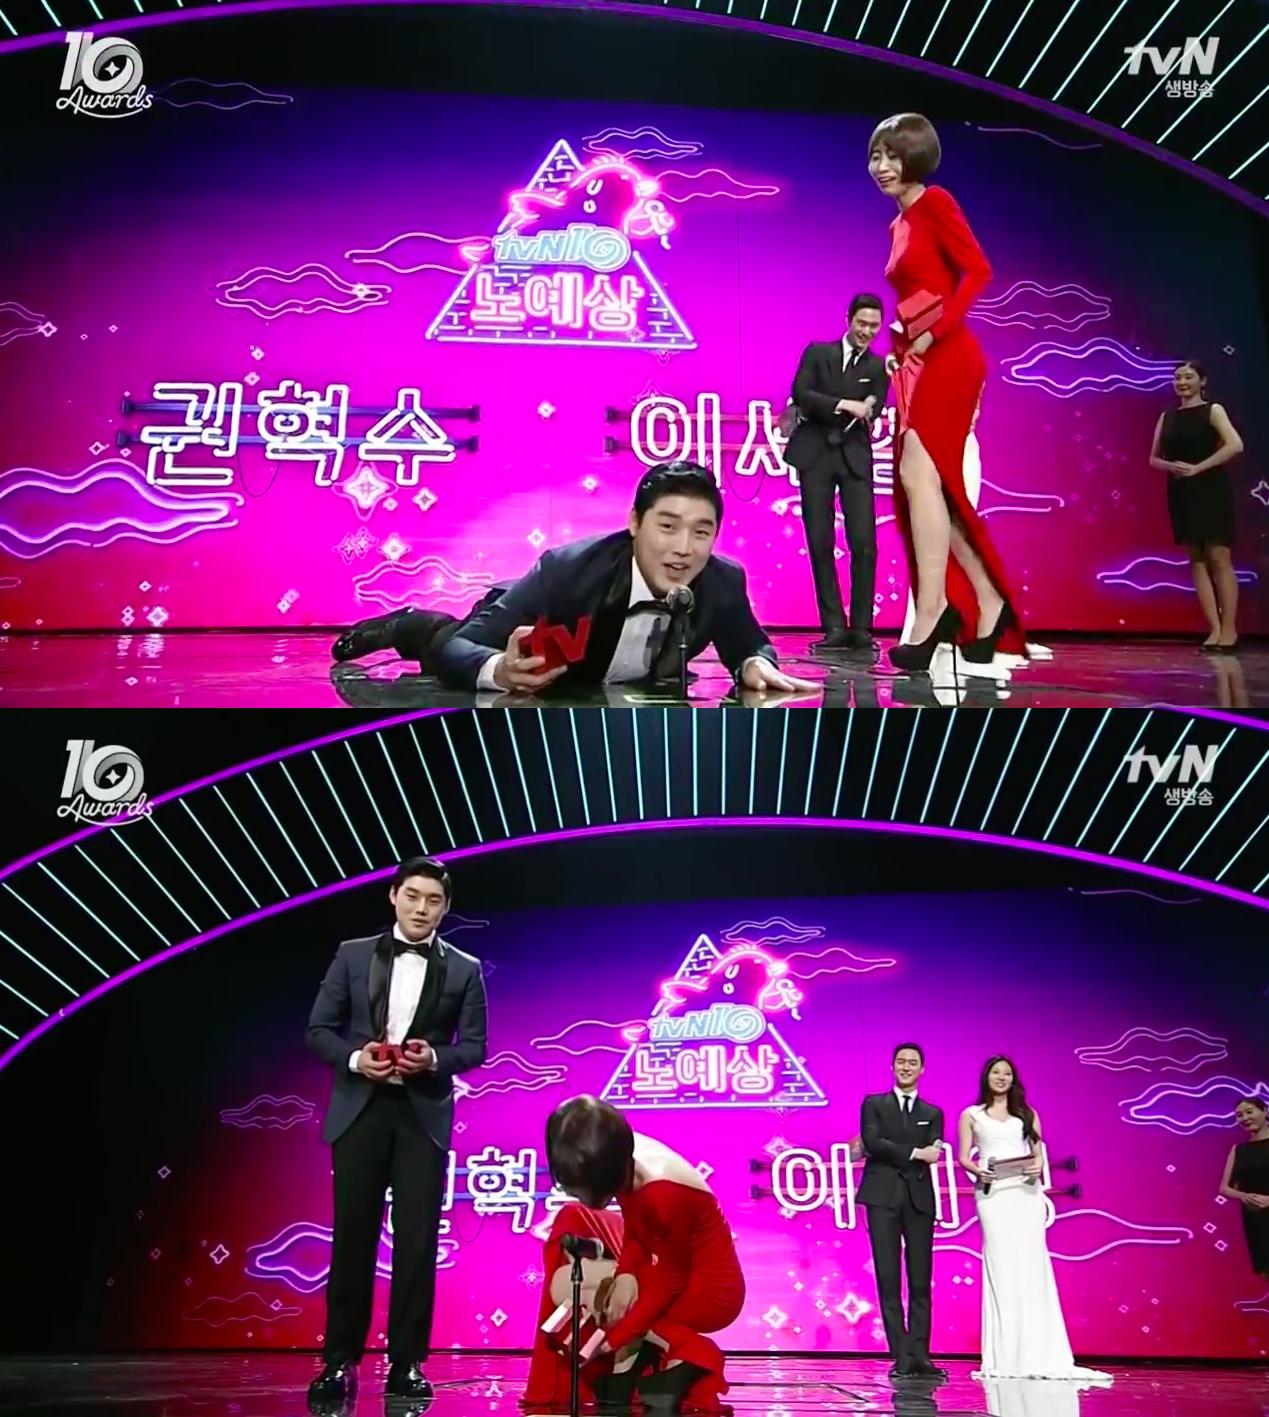 tvN10 awards 4